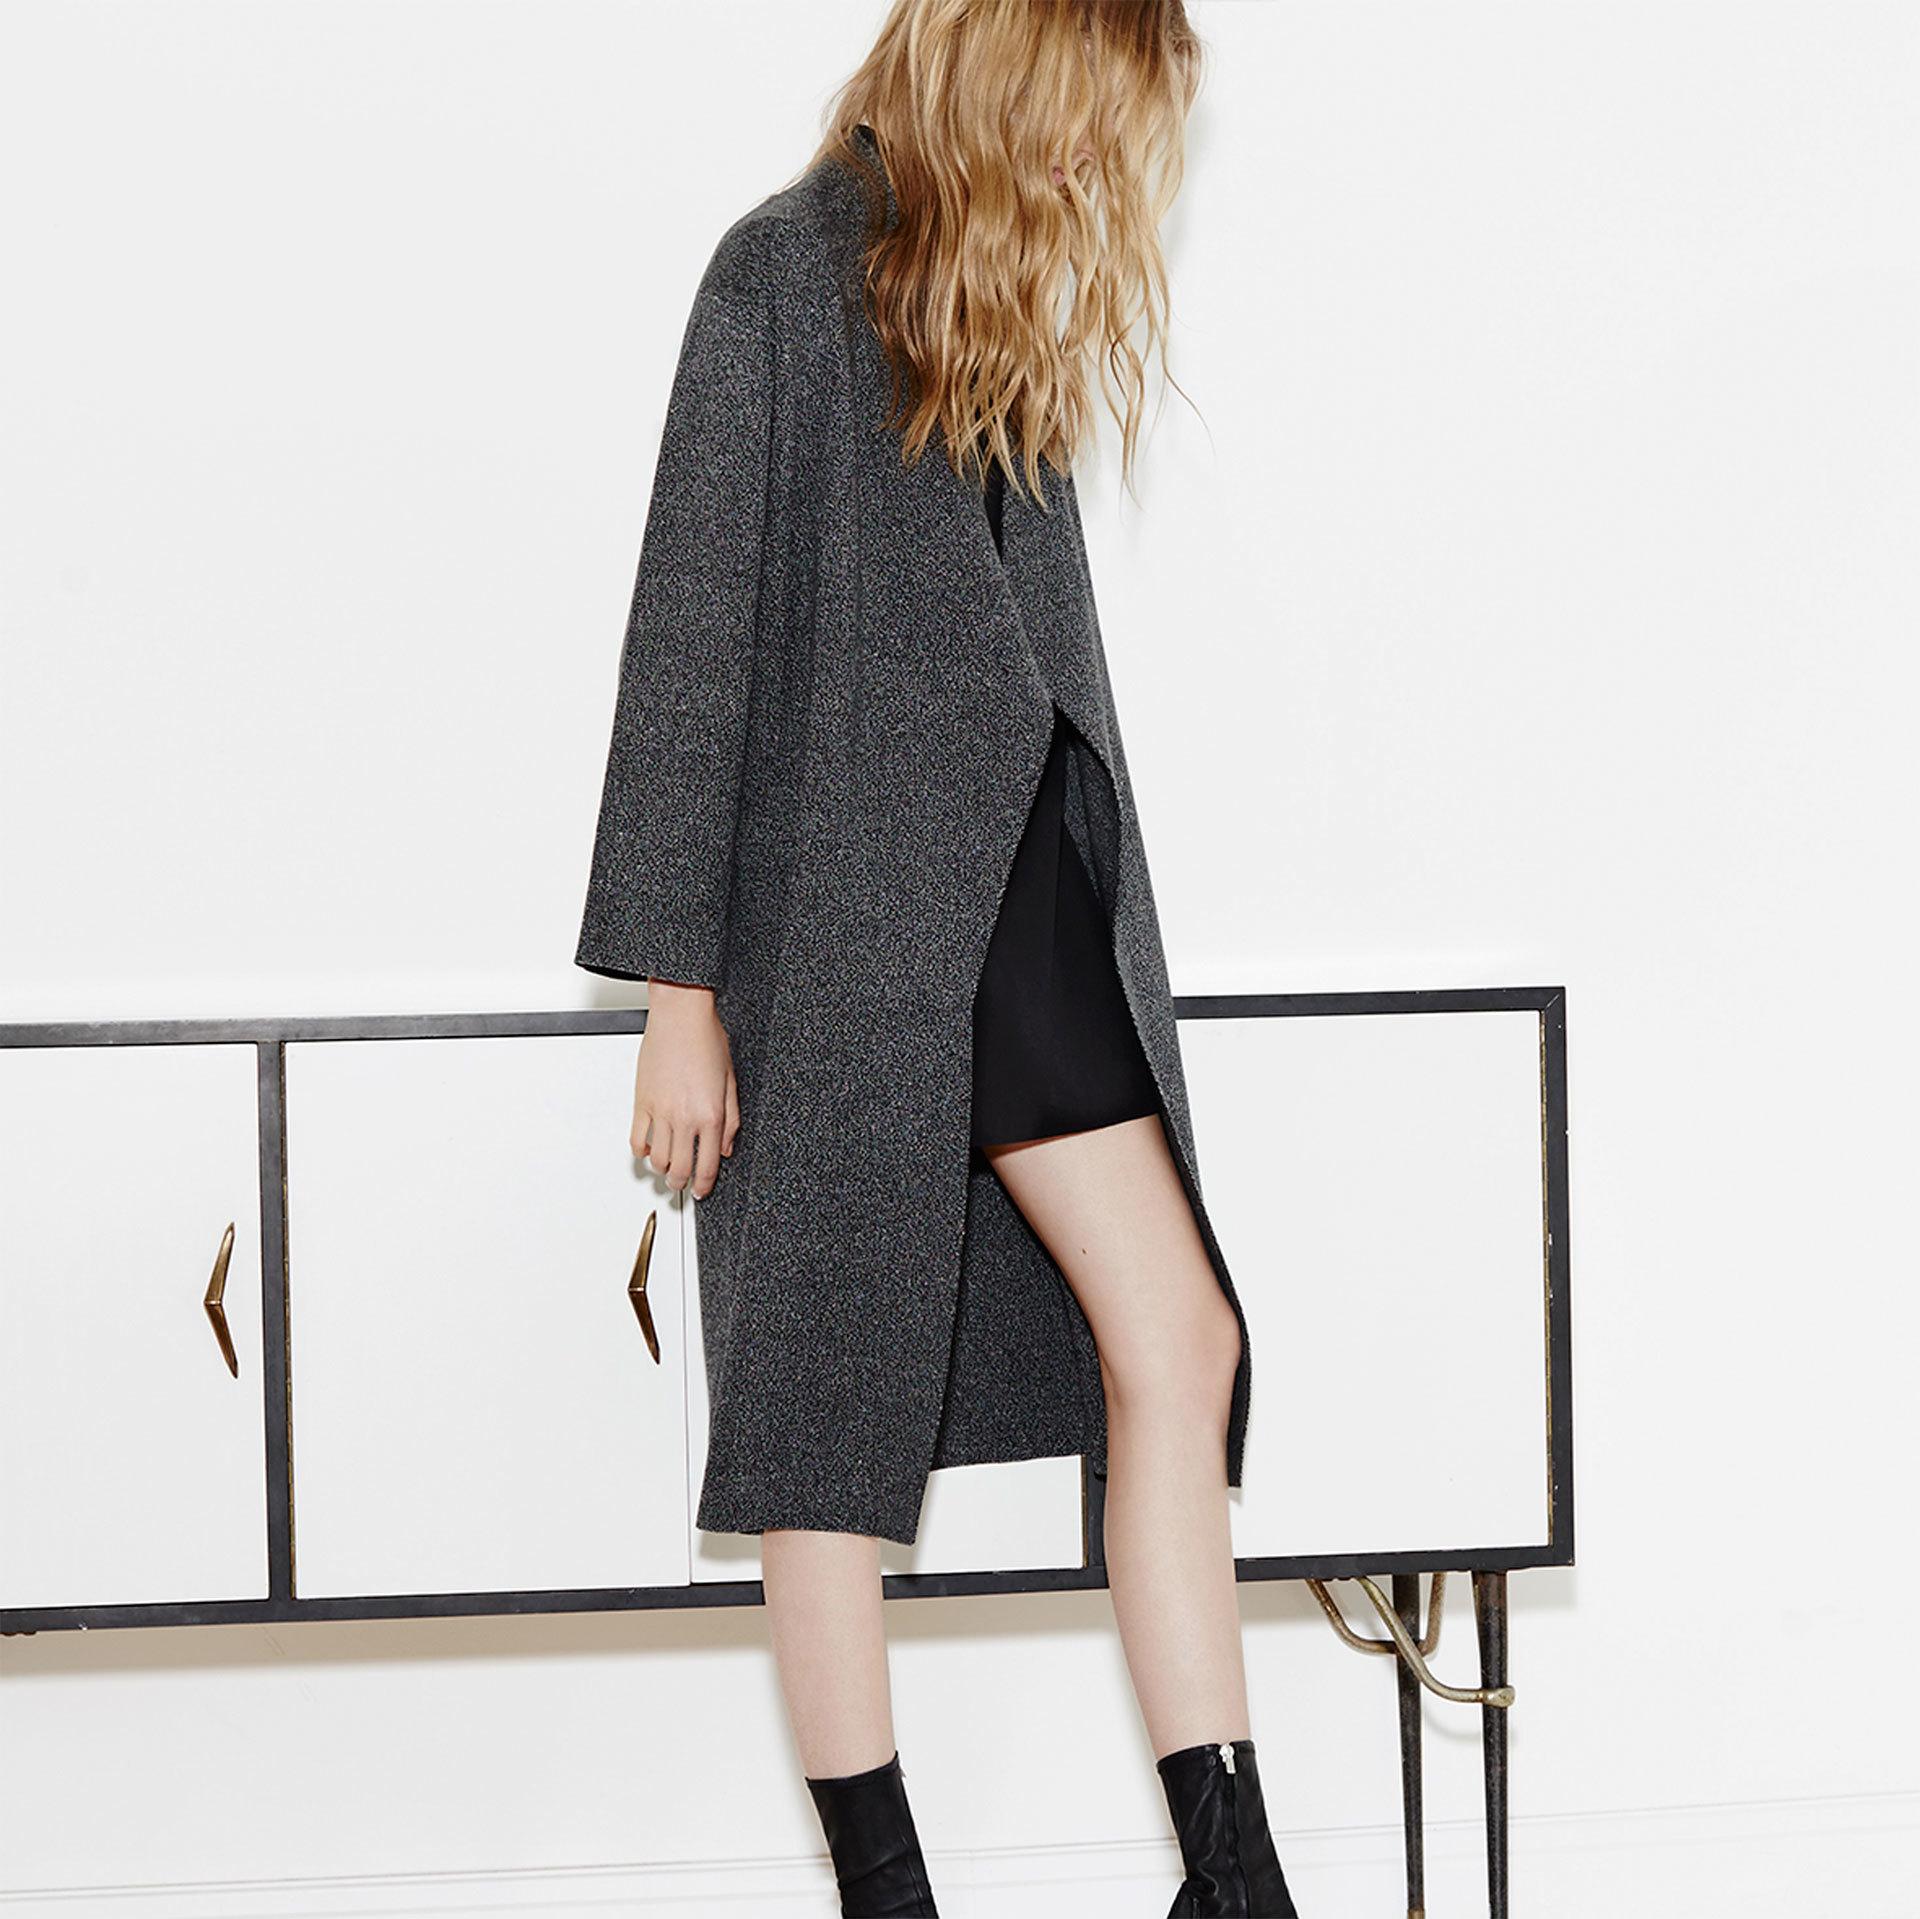 Zara Seasonals Septiembre 2015